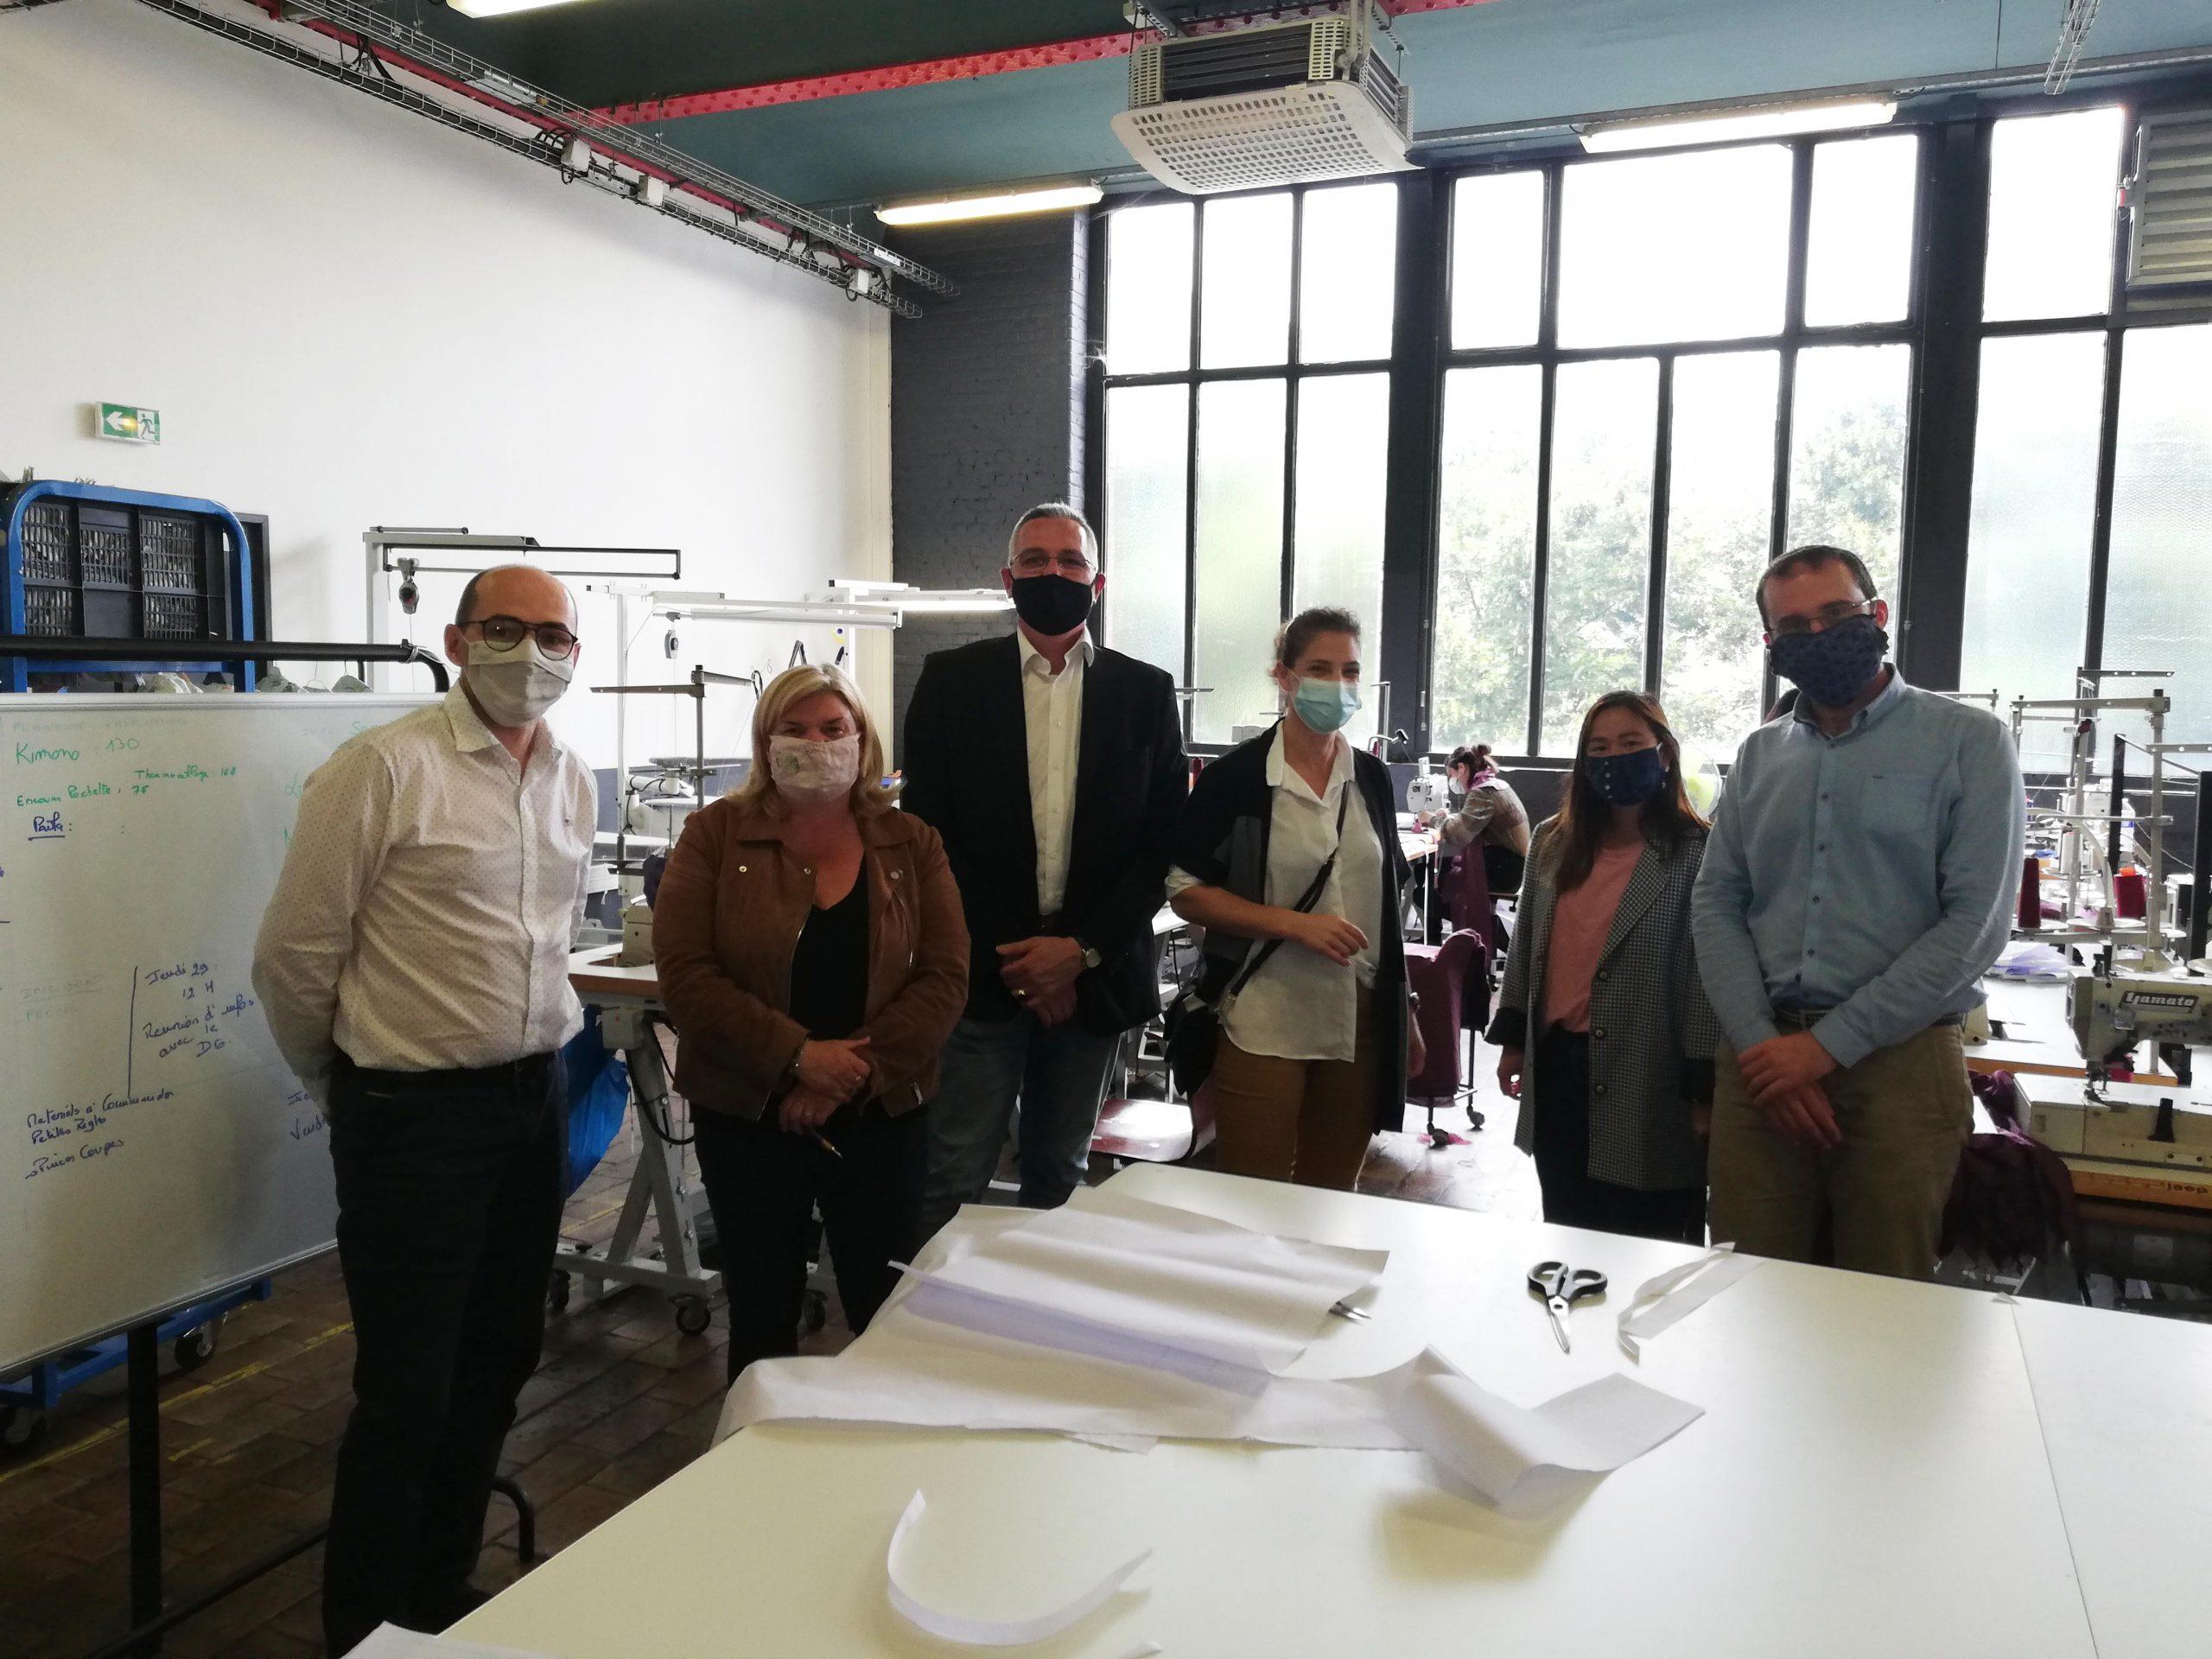 Collaboration sac atelier agile, FGB, Auchan et LTC